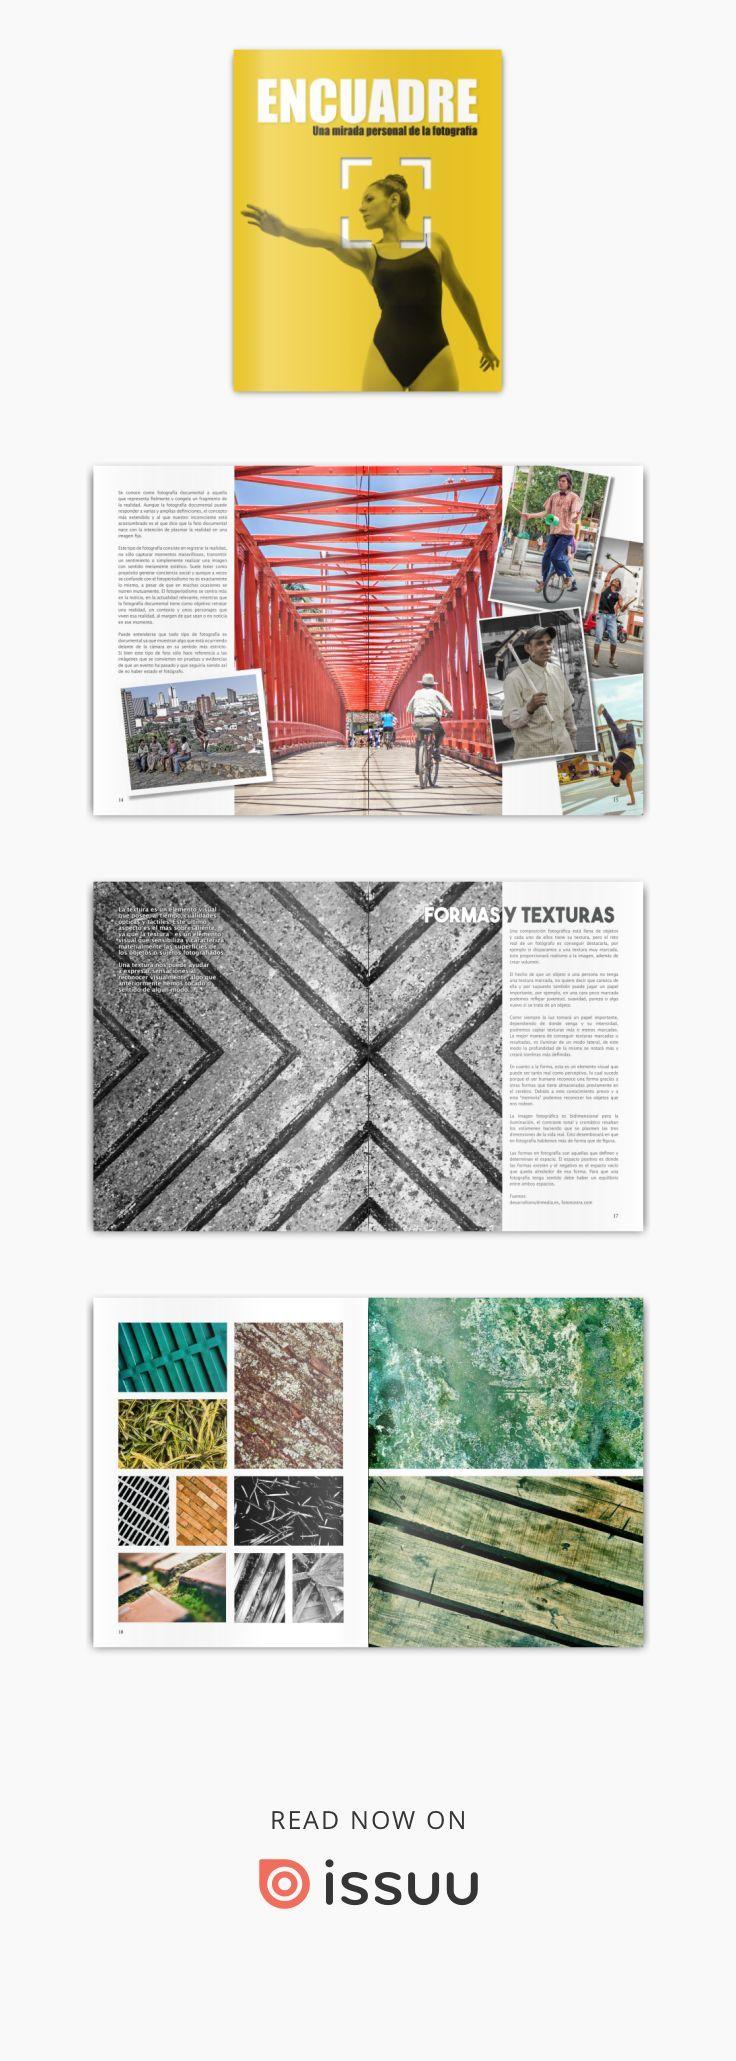 63 best Disenua images on Pinterest | Public spaces, Street ...